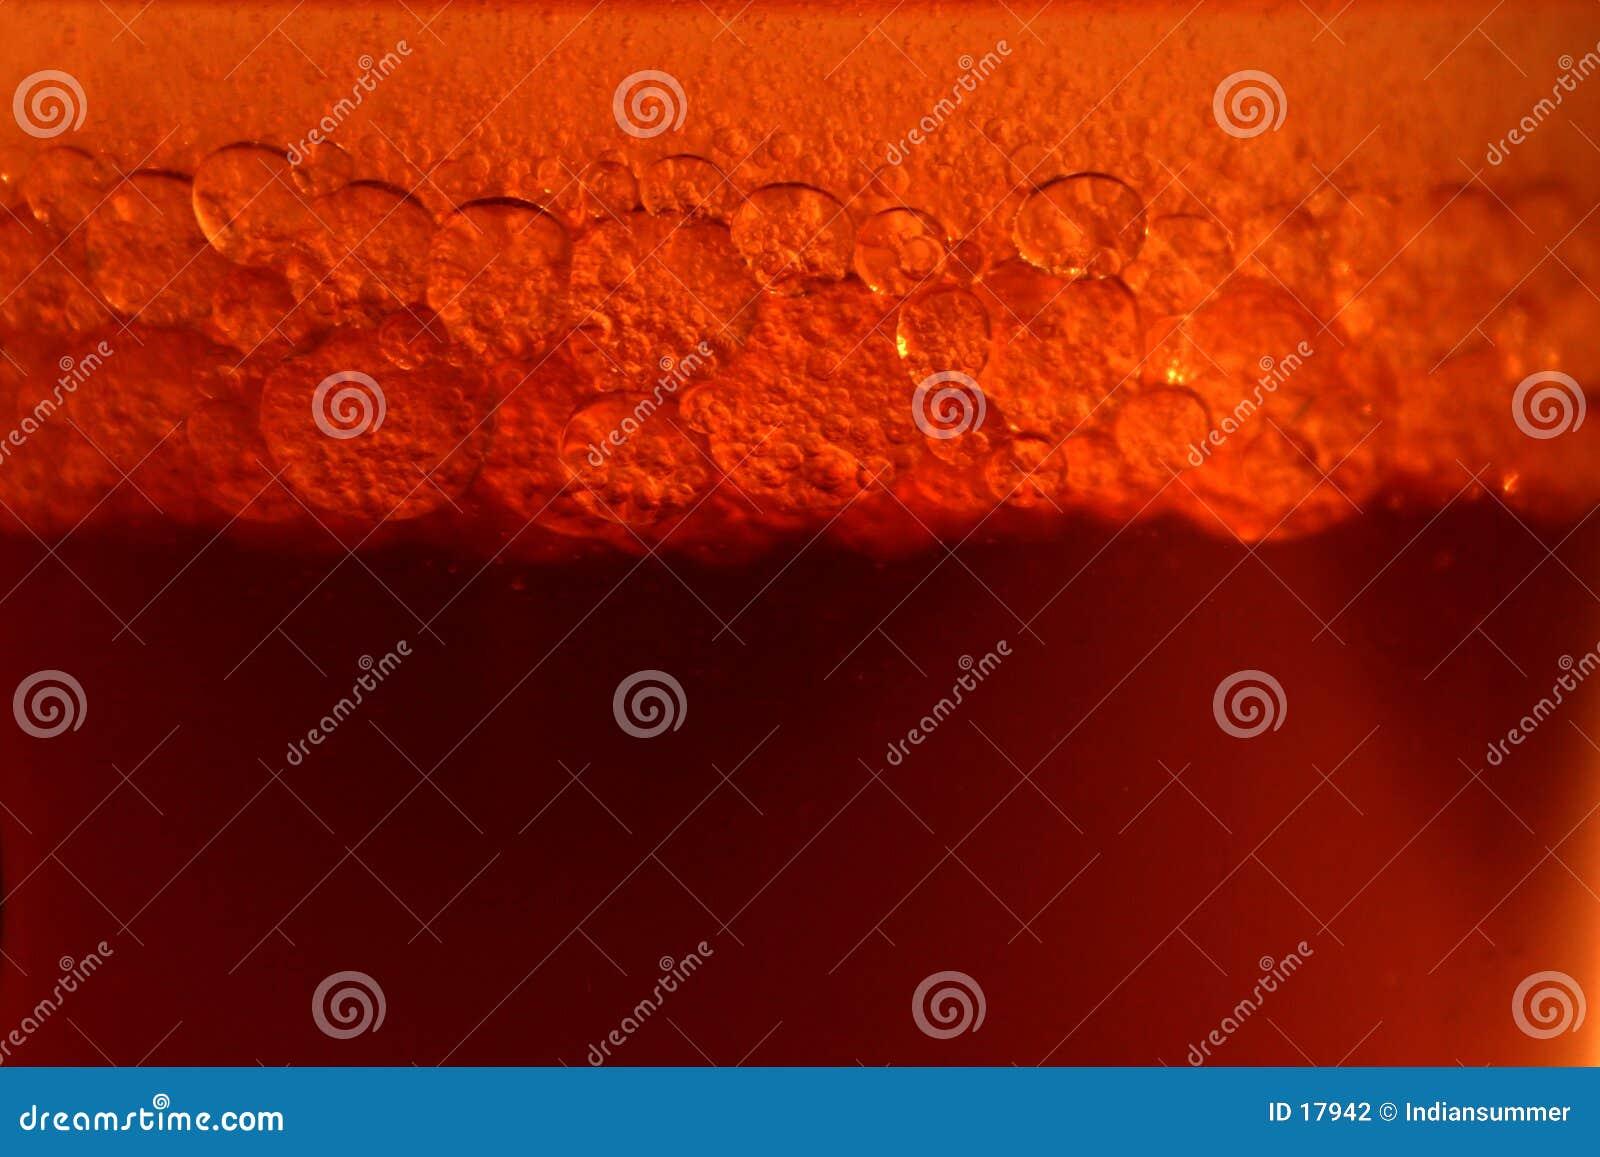 Hintergrund mit Luftblasen